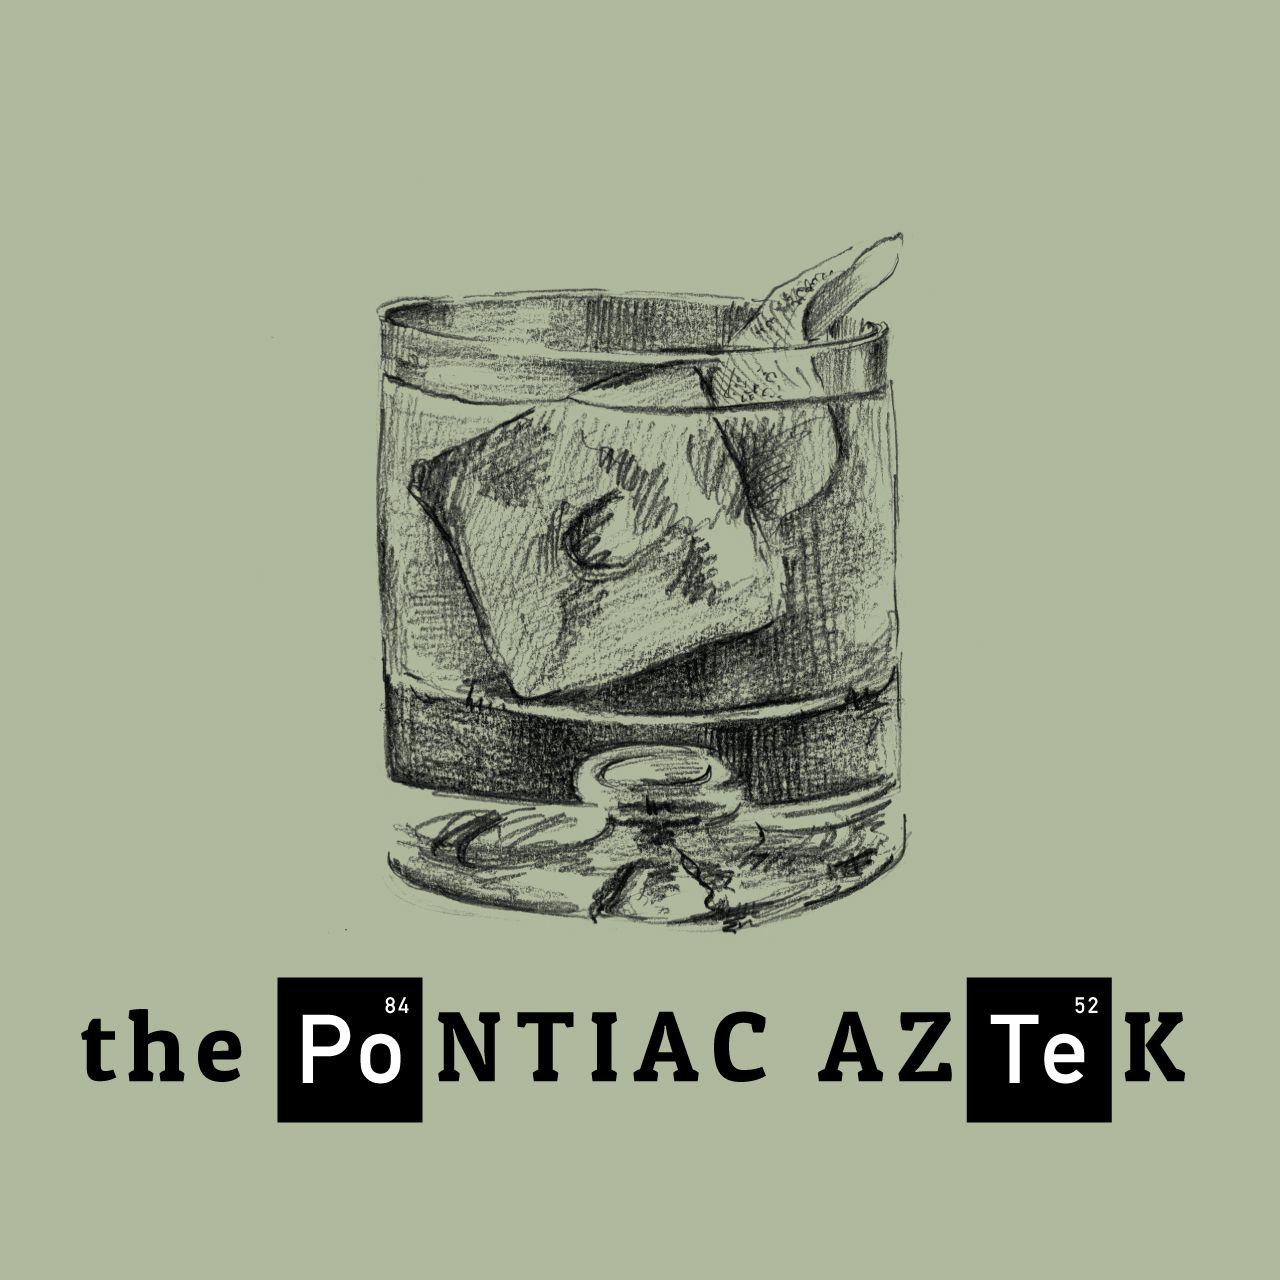 Pontiac aztek breaking bad wallpaper 8 jpg 624 352 pontiac aztek from the breaking bad pinterest pontiac aztek